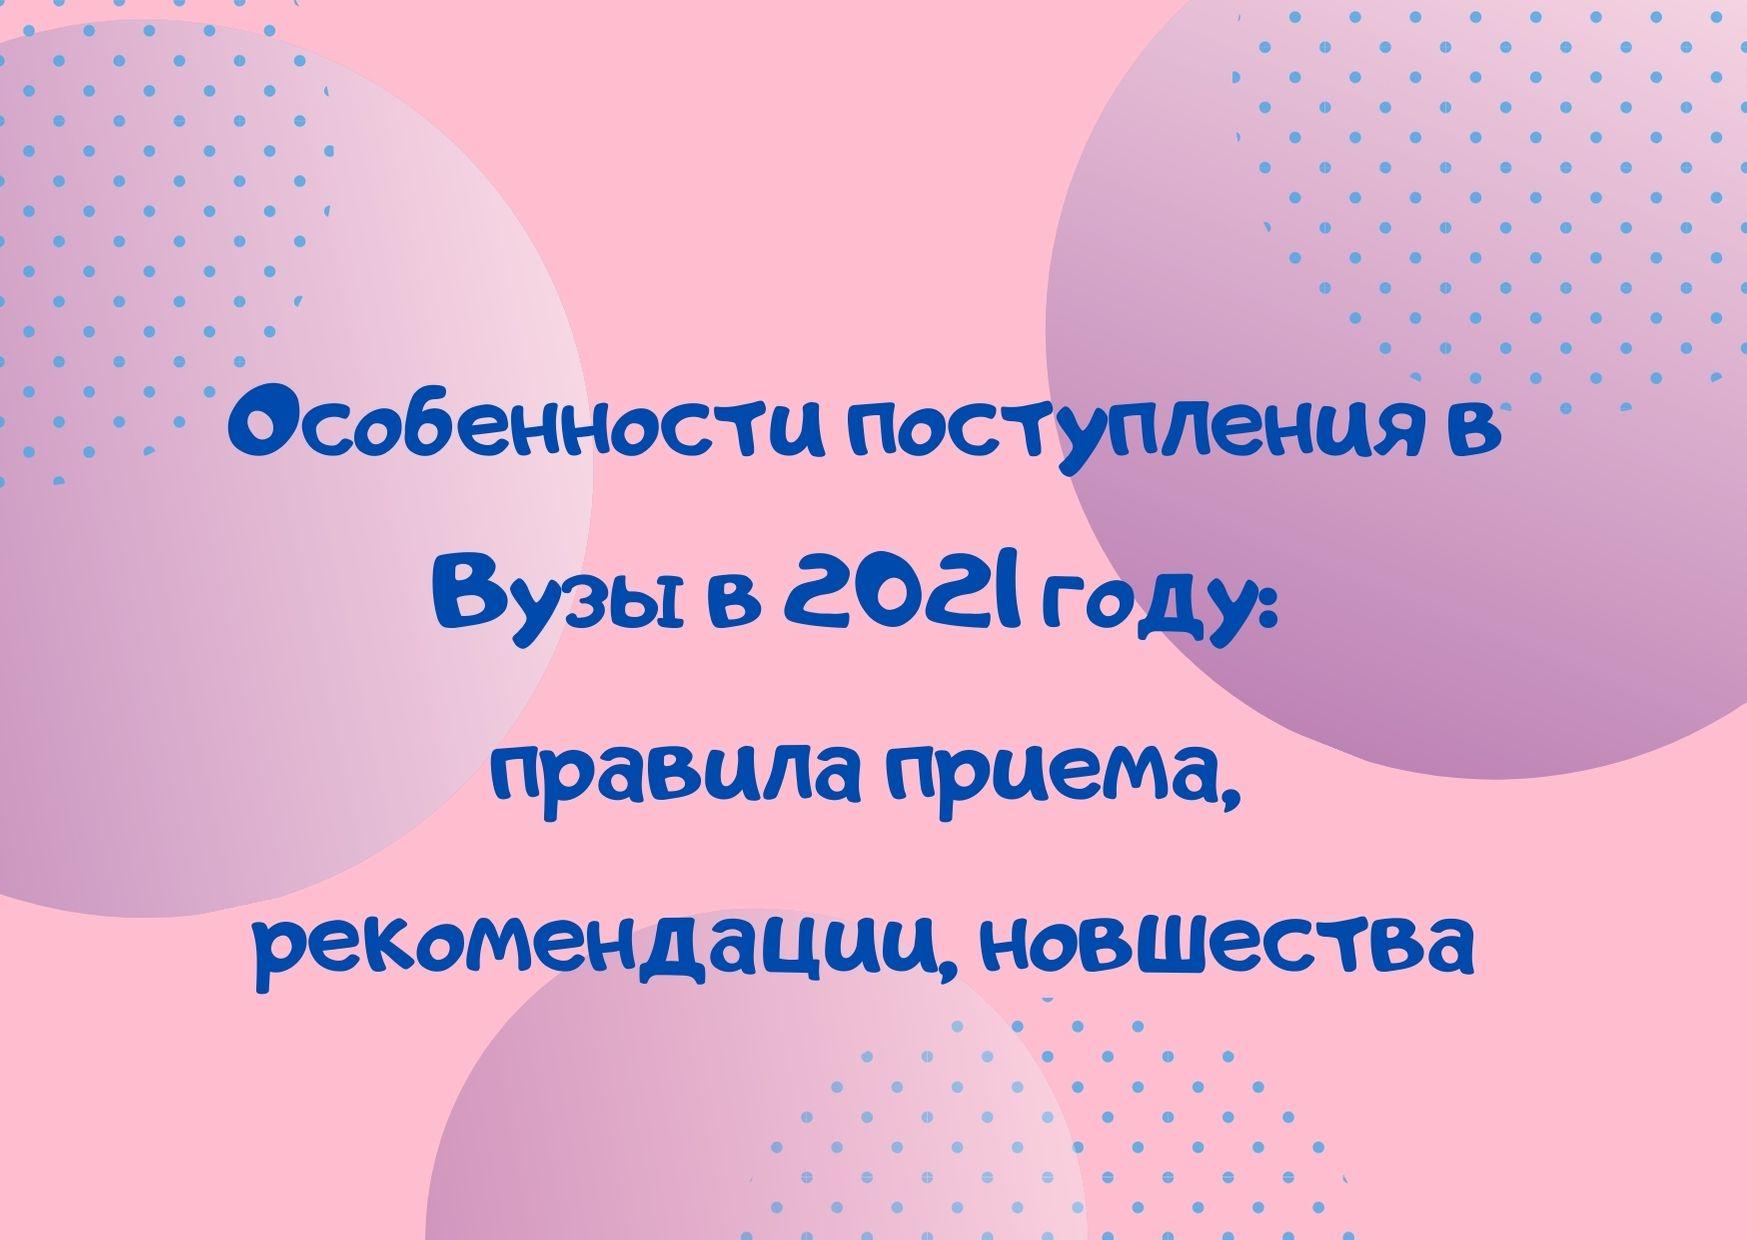 Особенности поступления в Вузы в 2021 году: правила приема, рекомендации, новшества